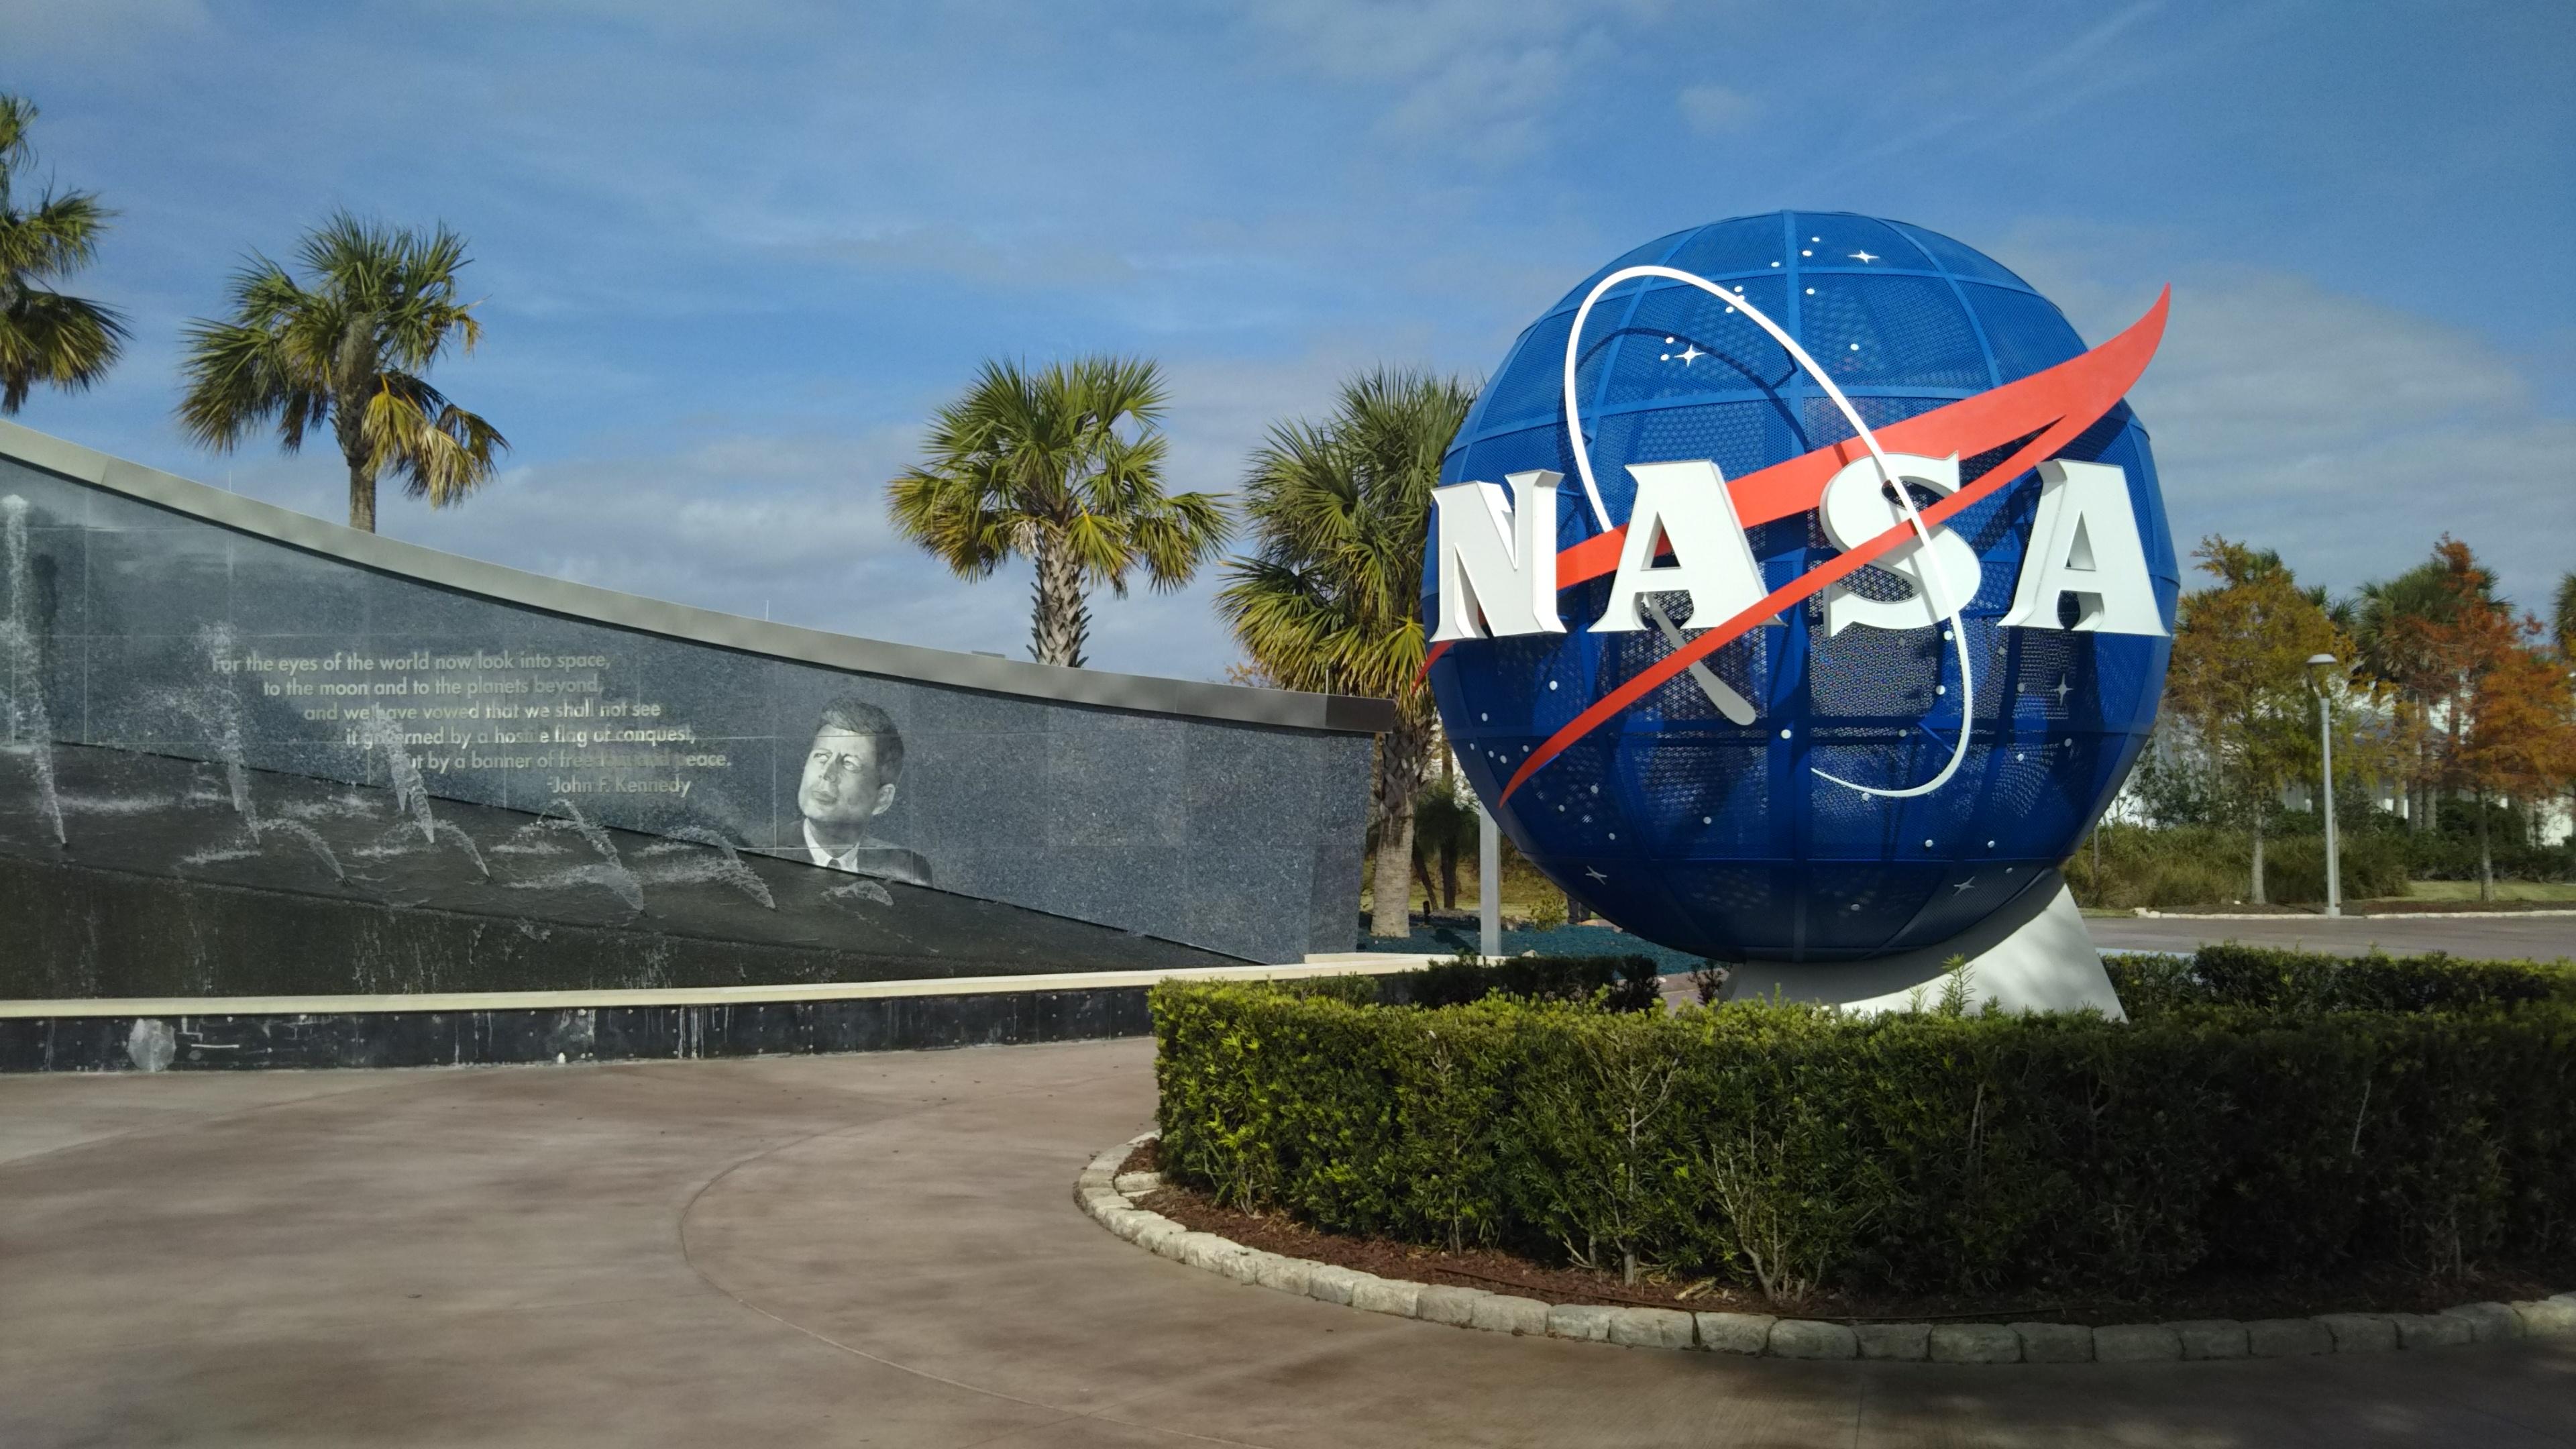 ケネディ宇宙センター1